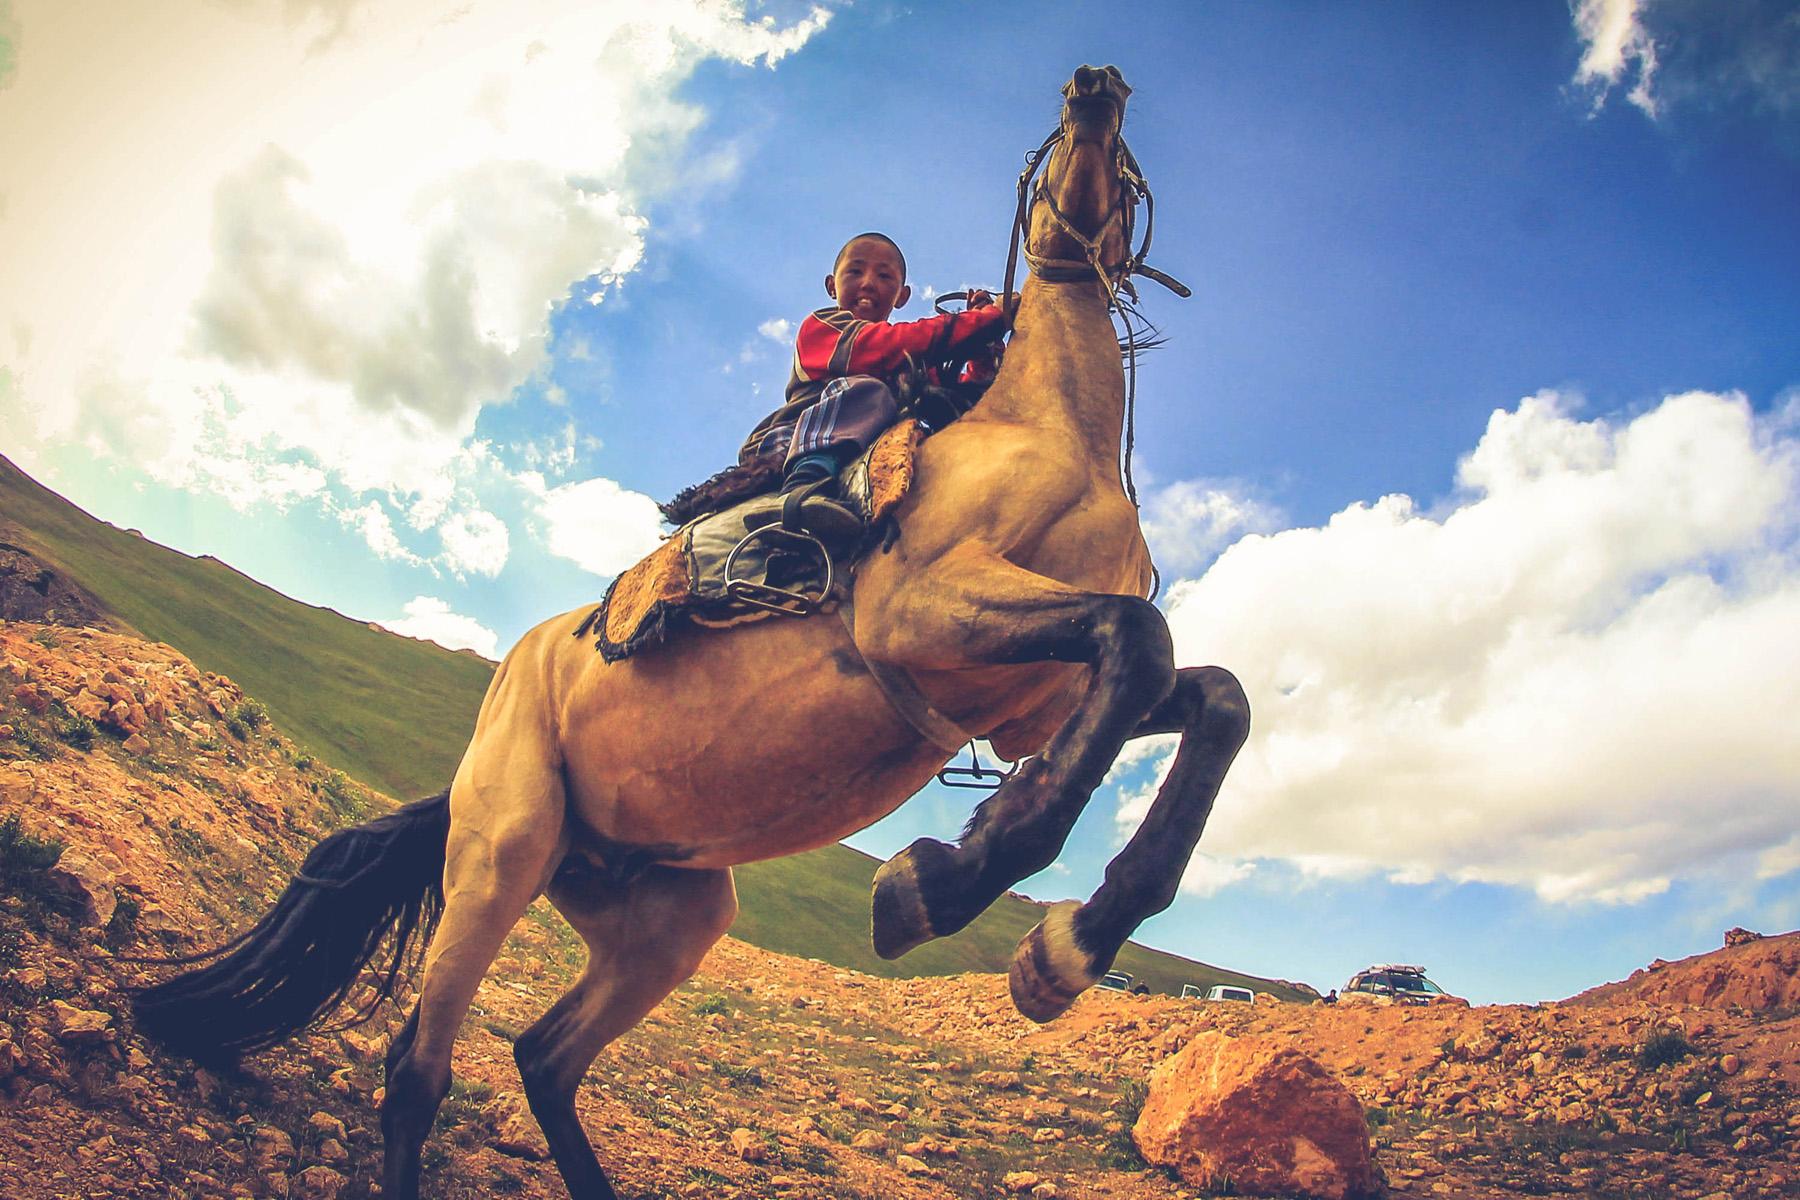 Zdjęcie bez historii. Młody Kirgiz na swoim koniu popisuje się przed obiektywem. Jedno z trzech najbardziej ulubionych tego roku.